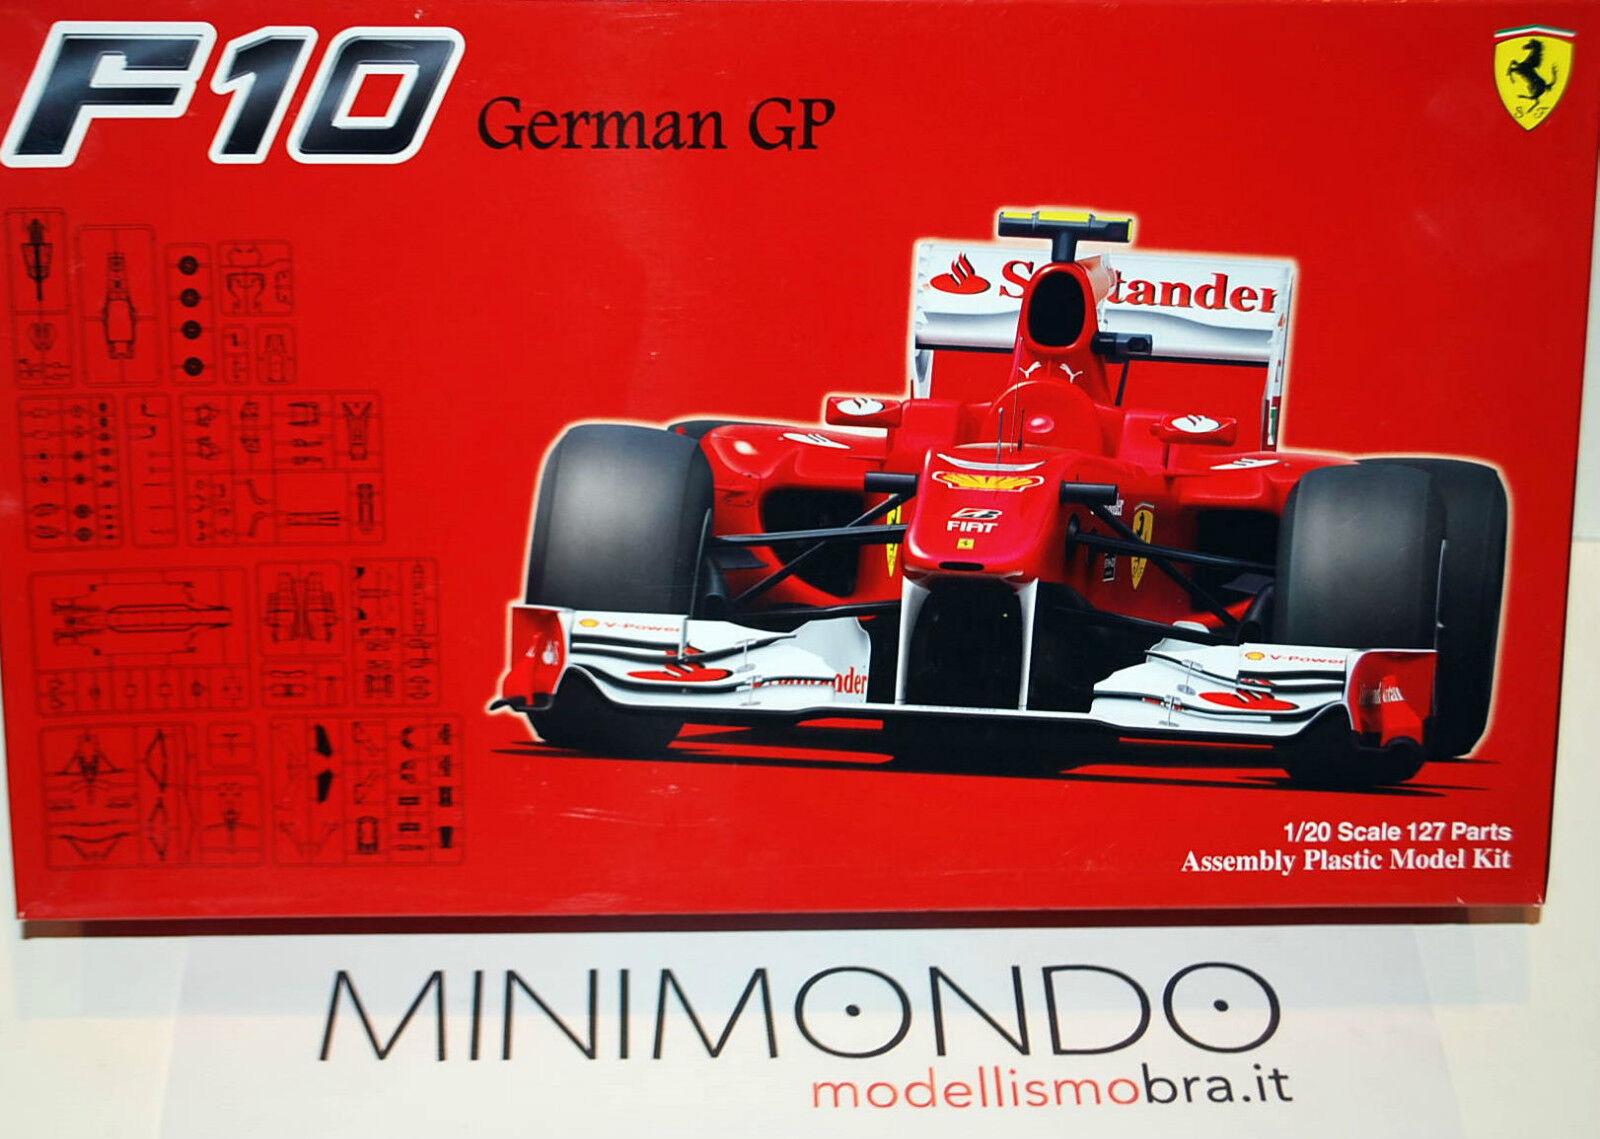 KIT FERRARI F10 F10 F10 GERMAN GP 2010 ALONSO MASSA 1 20 FUJIMI GP41 09094 5d8d8e